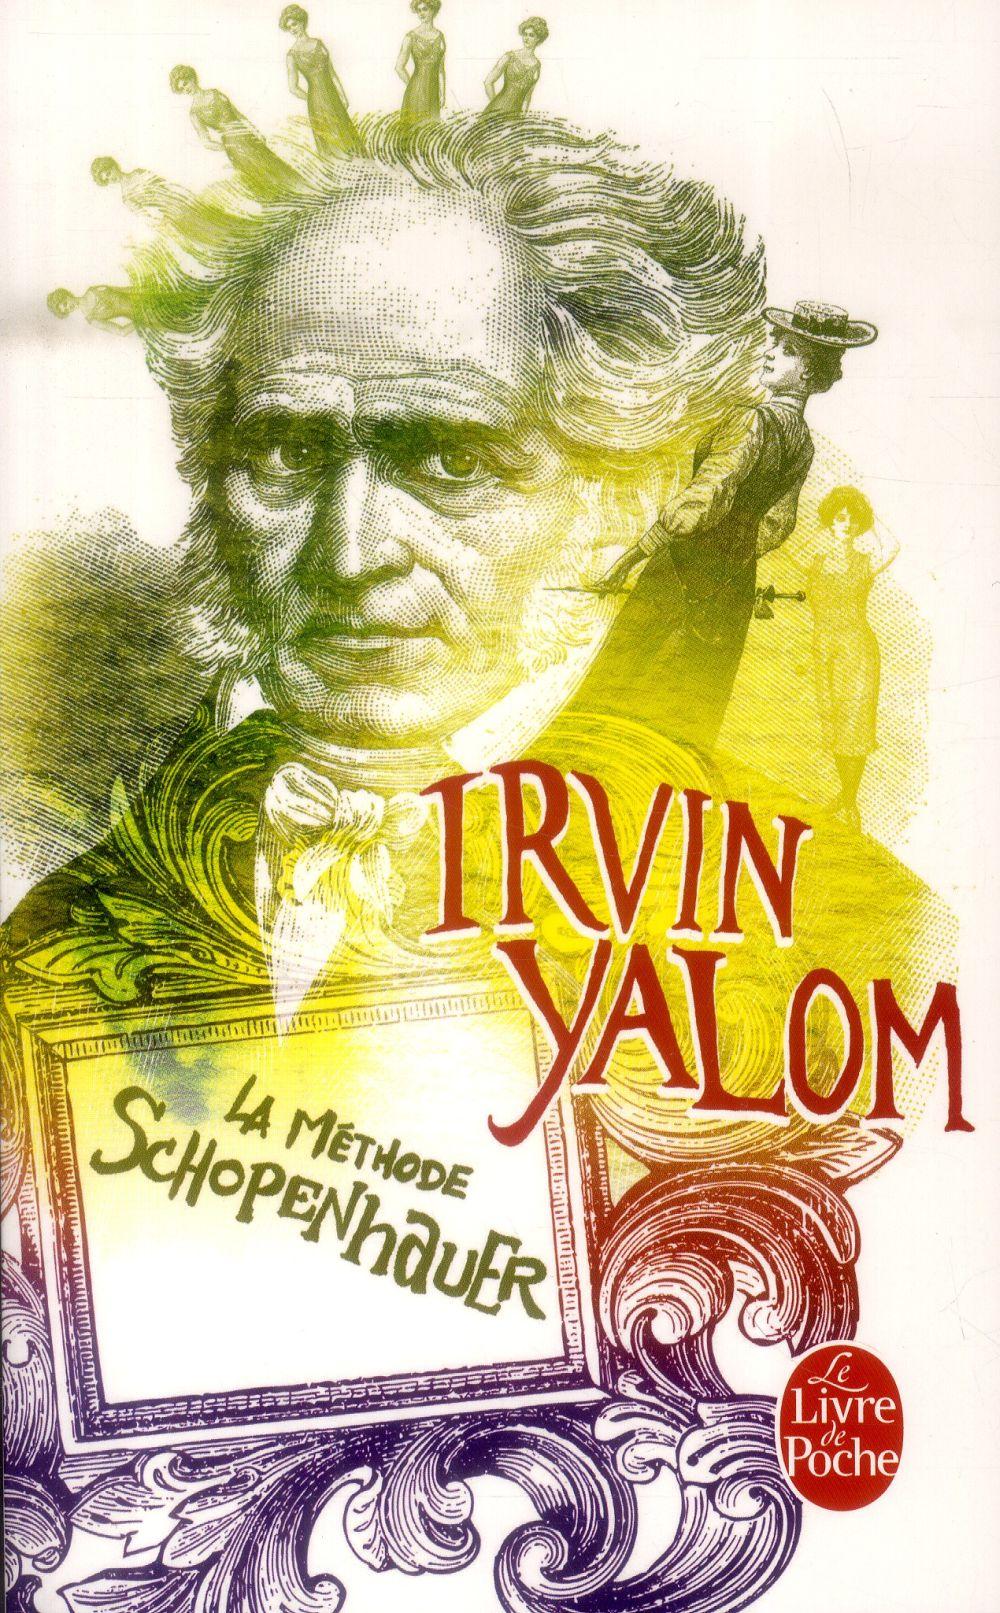 LA METHODE SCHOPENHAUER Yalom Irvin D. Le Livre de poche